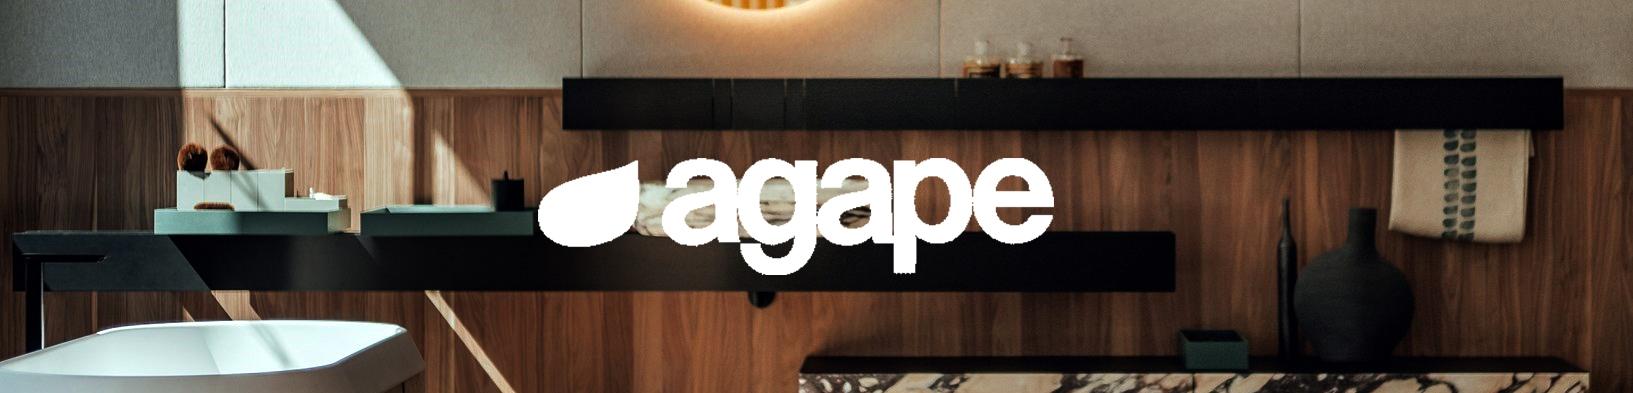 Agape Design Edilceram